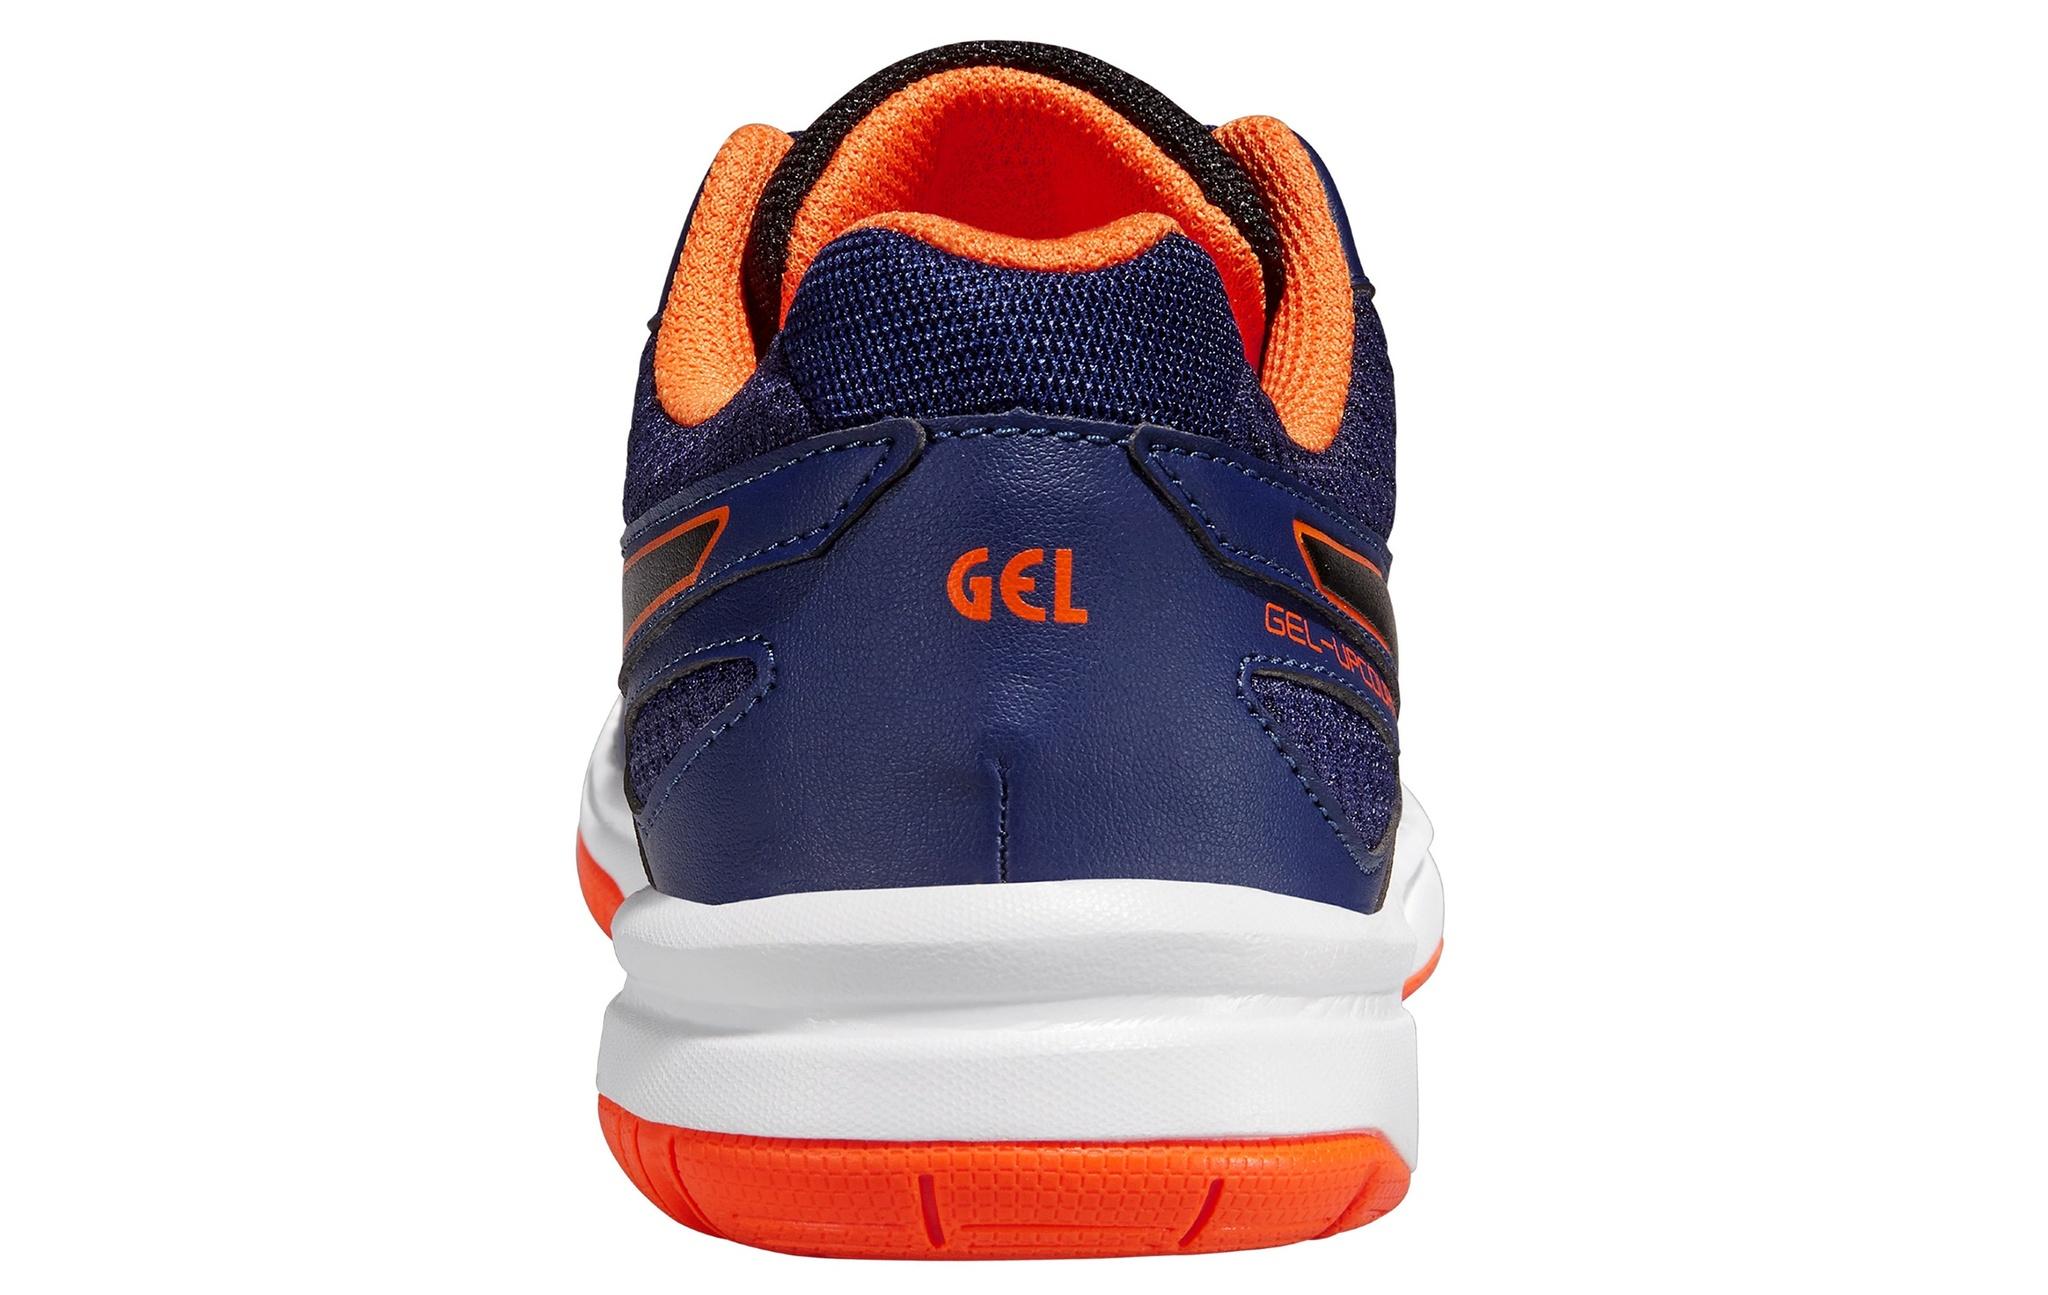 Детская обувь для волейбола Asics Gel-Upcourt GS (C413N 5090) темно-синие фото